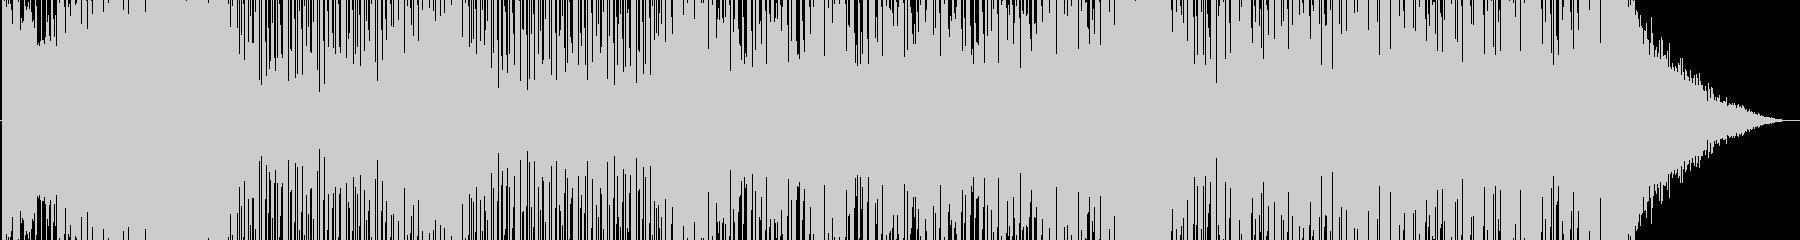 ハウス ダンス プログレッシブ ほ...の未再生の波形